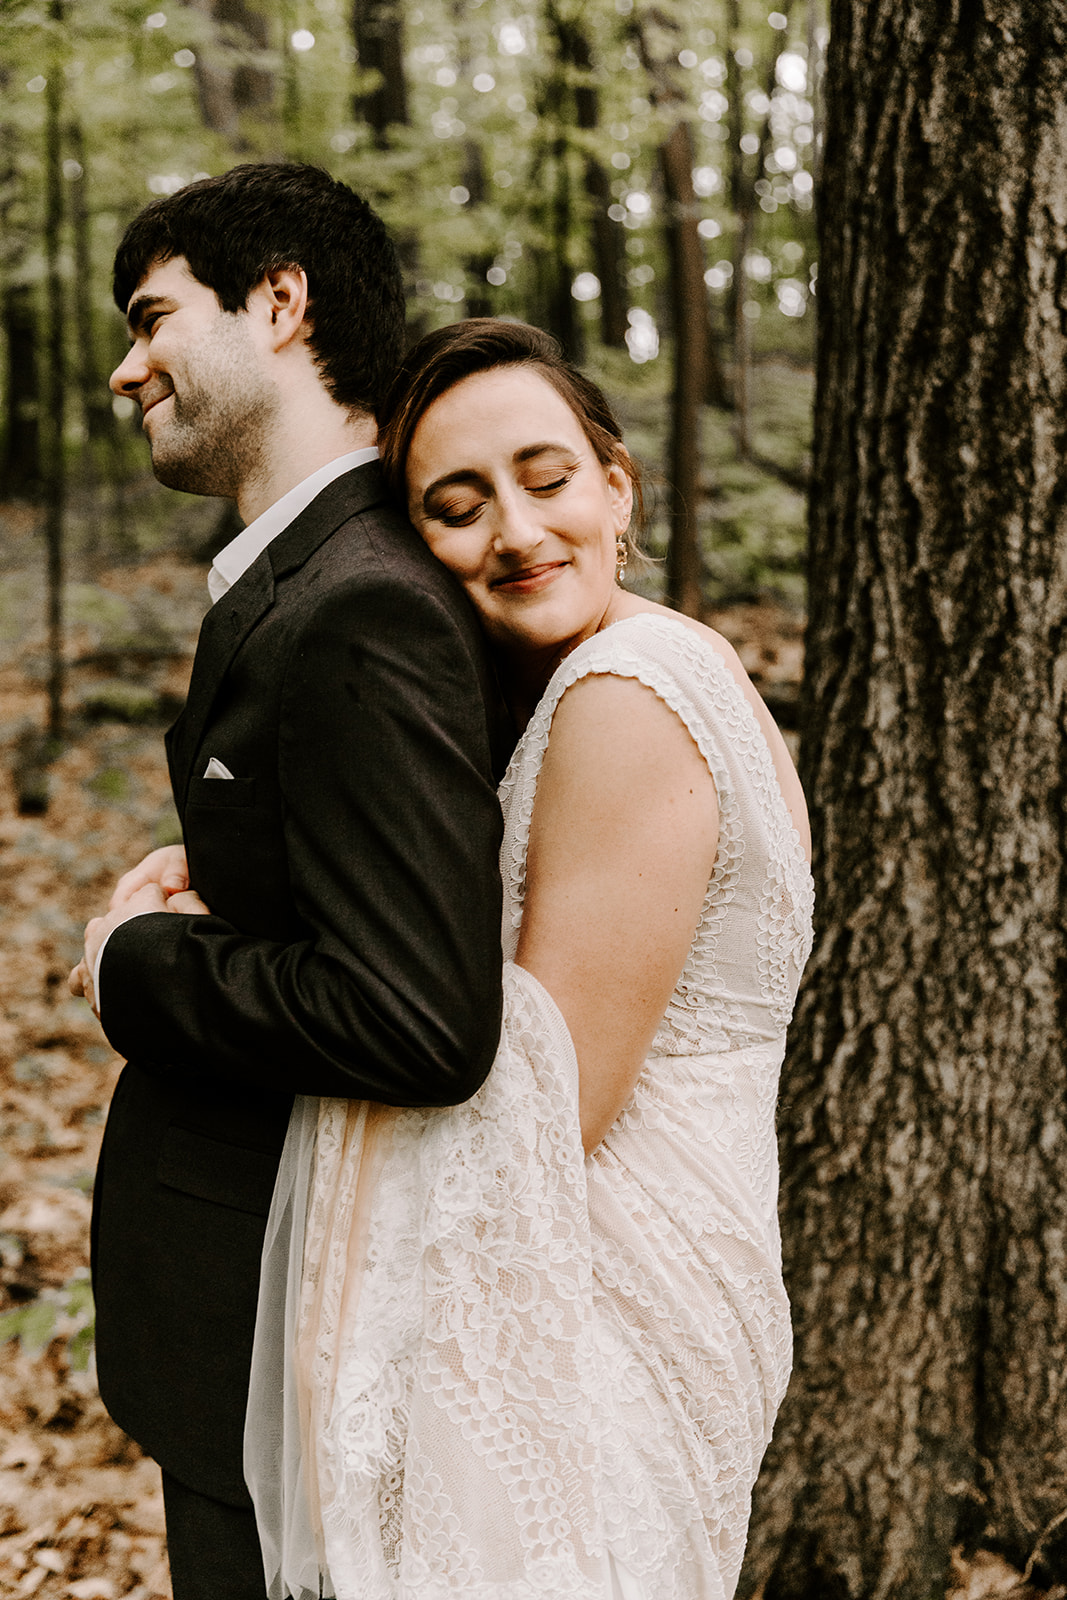 2019-06-01-00-Lindsey+Mat-04_Couples_Portraits-meandhimphoto-0015-T5D18181.jpg